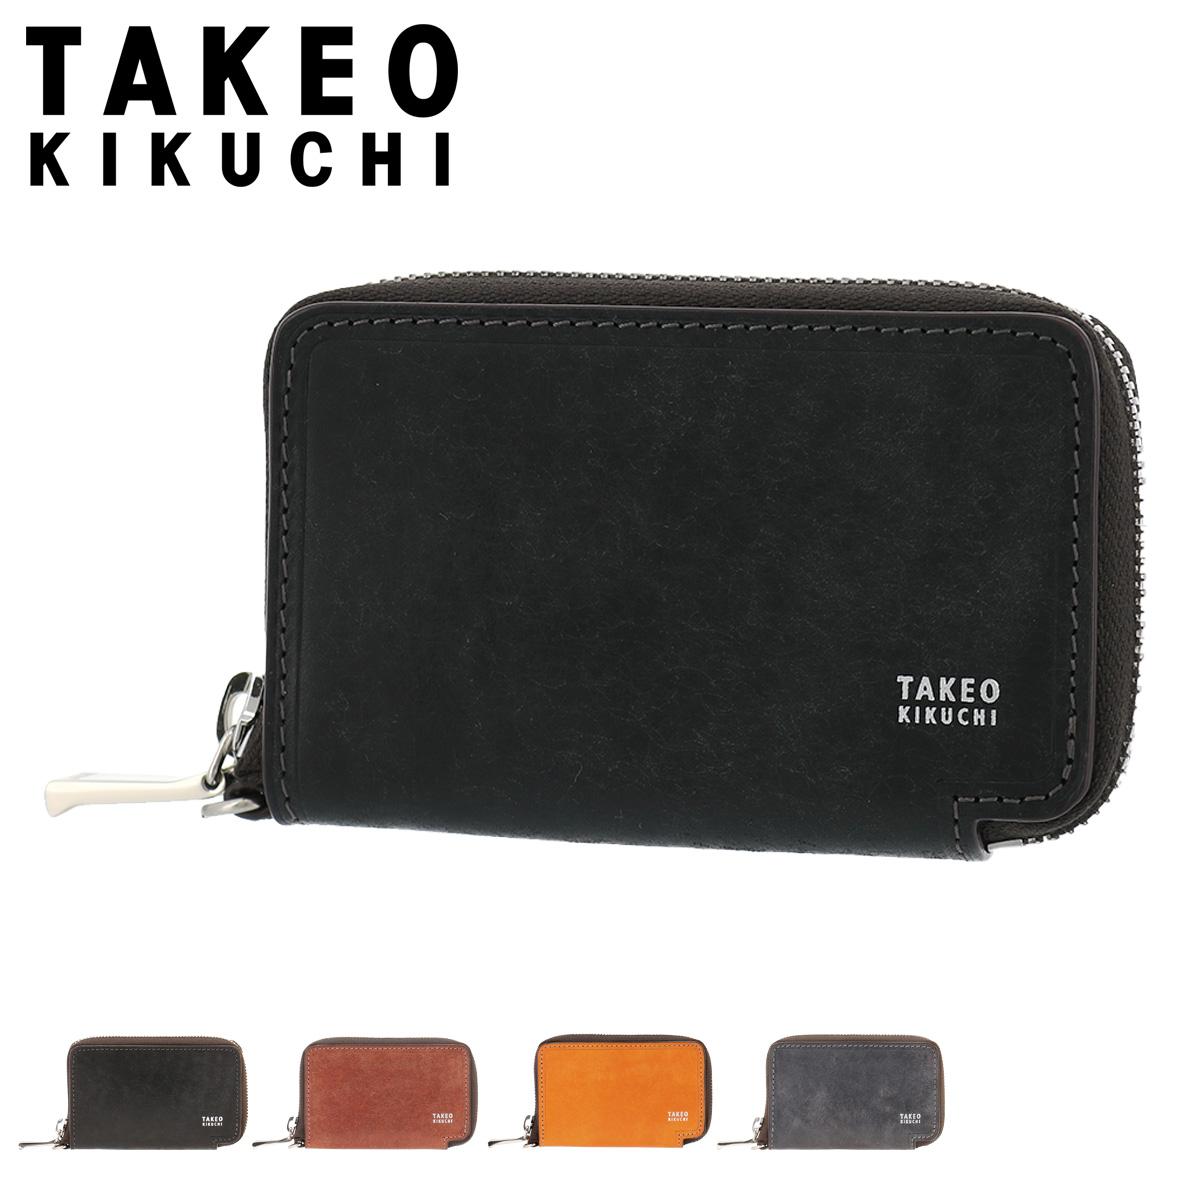 タケオキクチ 財布 小銭入れ ラウンドファスナー マルゴ メンズ 780601 TAKEO KIKUCHI | コインケース 牛革 本革 レザー [PO5][bef]